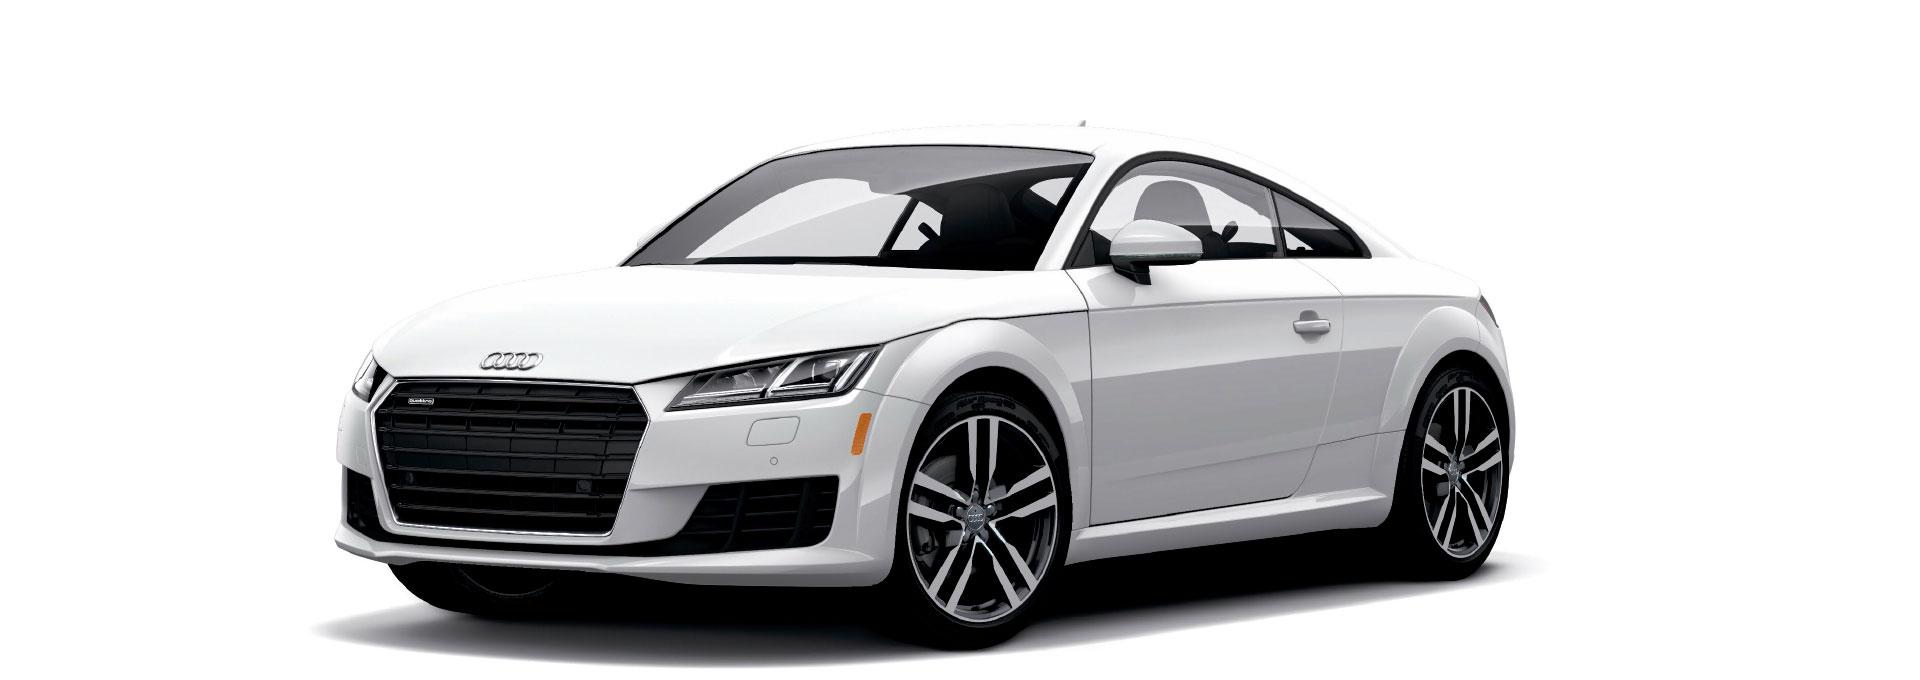 Audi TT Glacier White Metallic